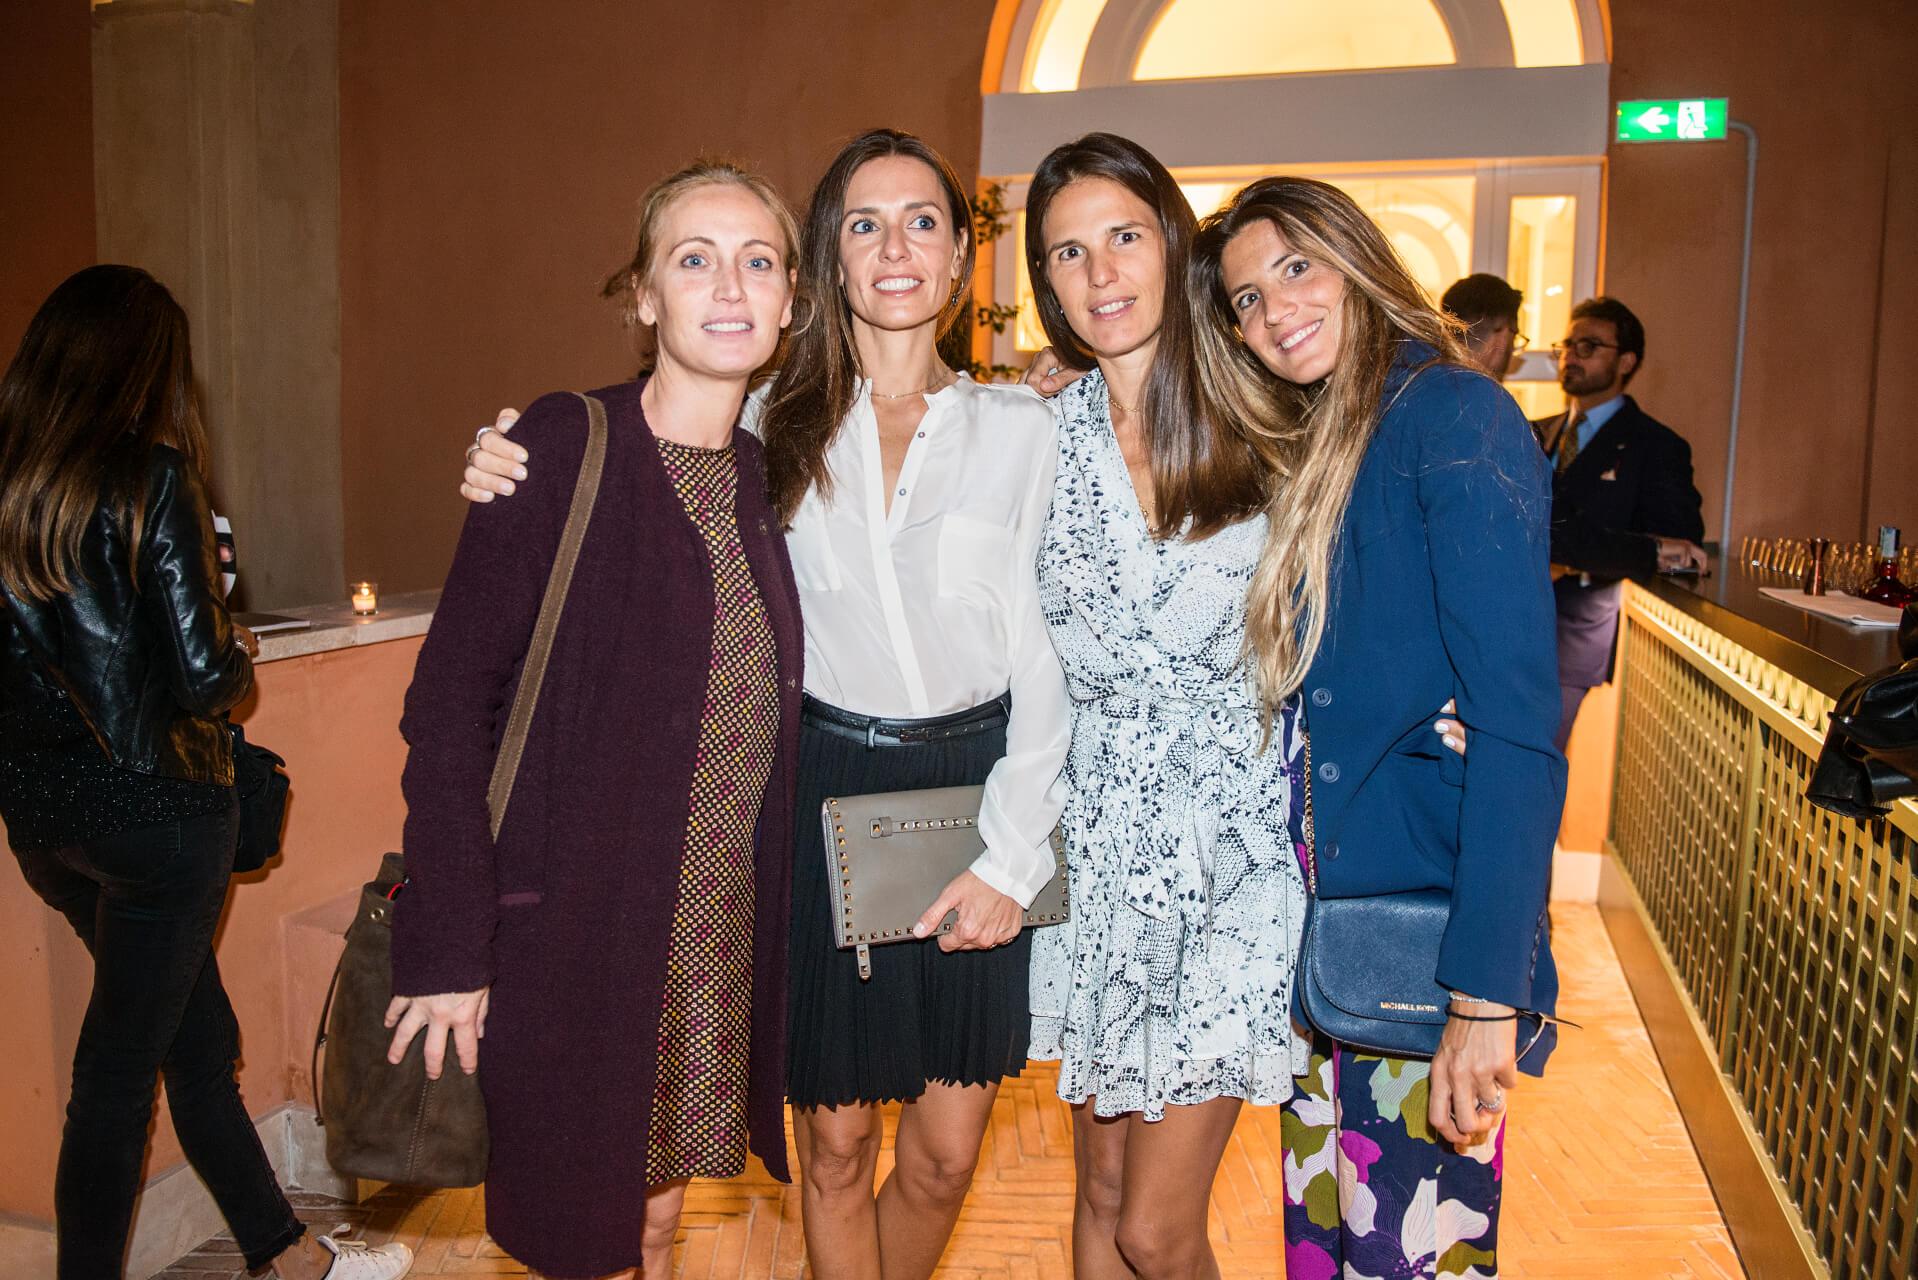 Angela Petrini, Raffaella Mancini, Veronica Sgaravatti, Gabrielle Bolzioni